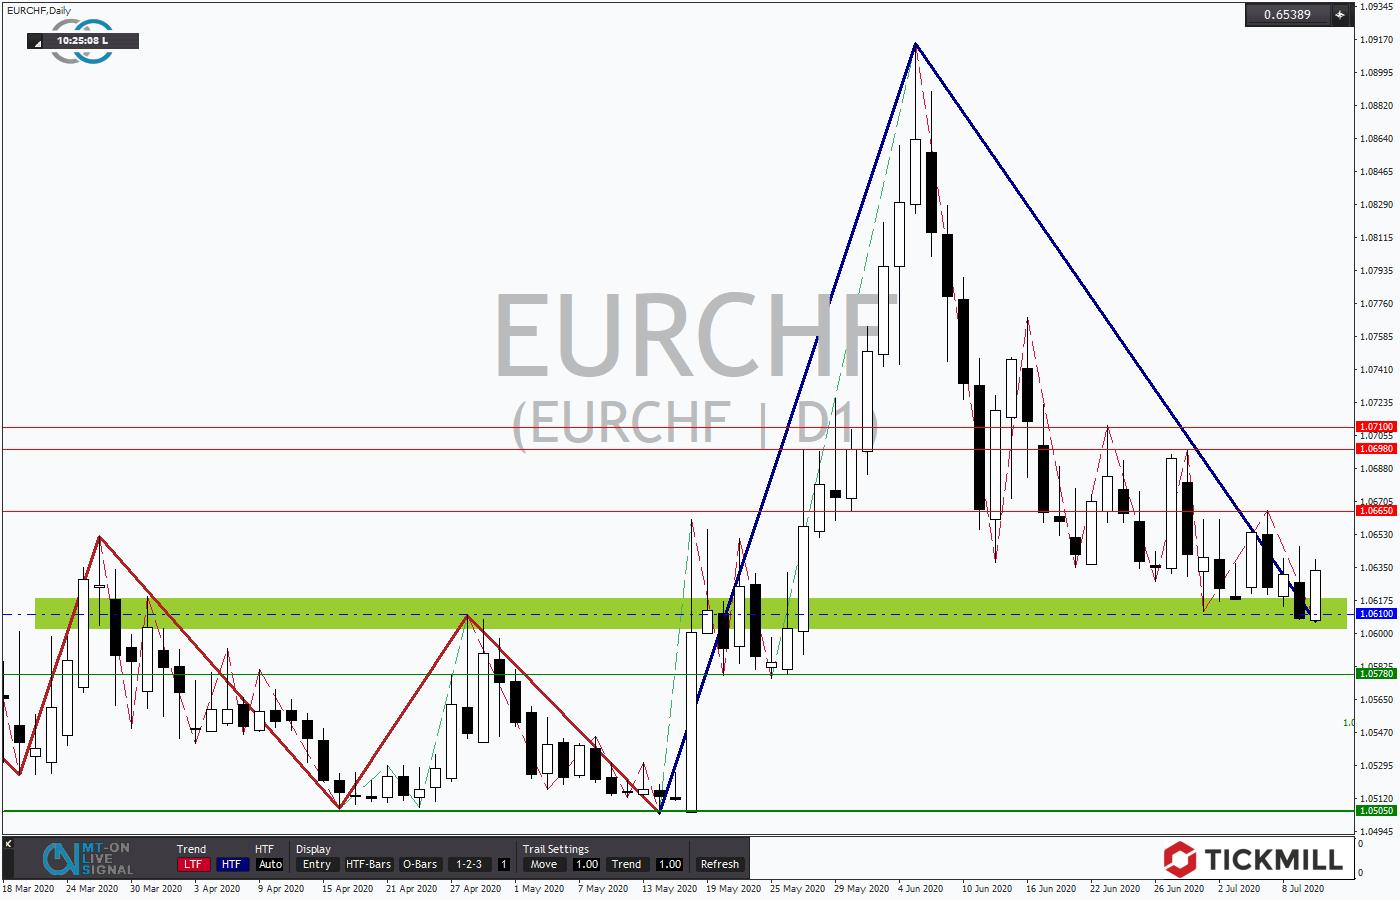 Tickmill-Analyse: EURCHF an Unterstützung